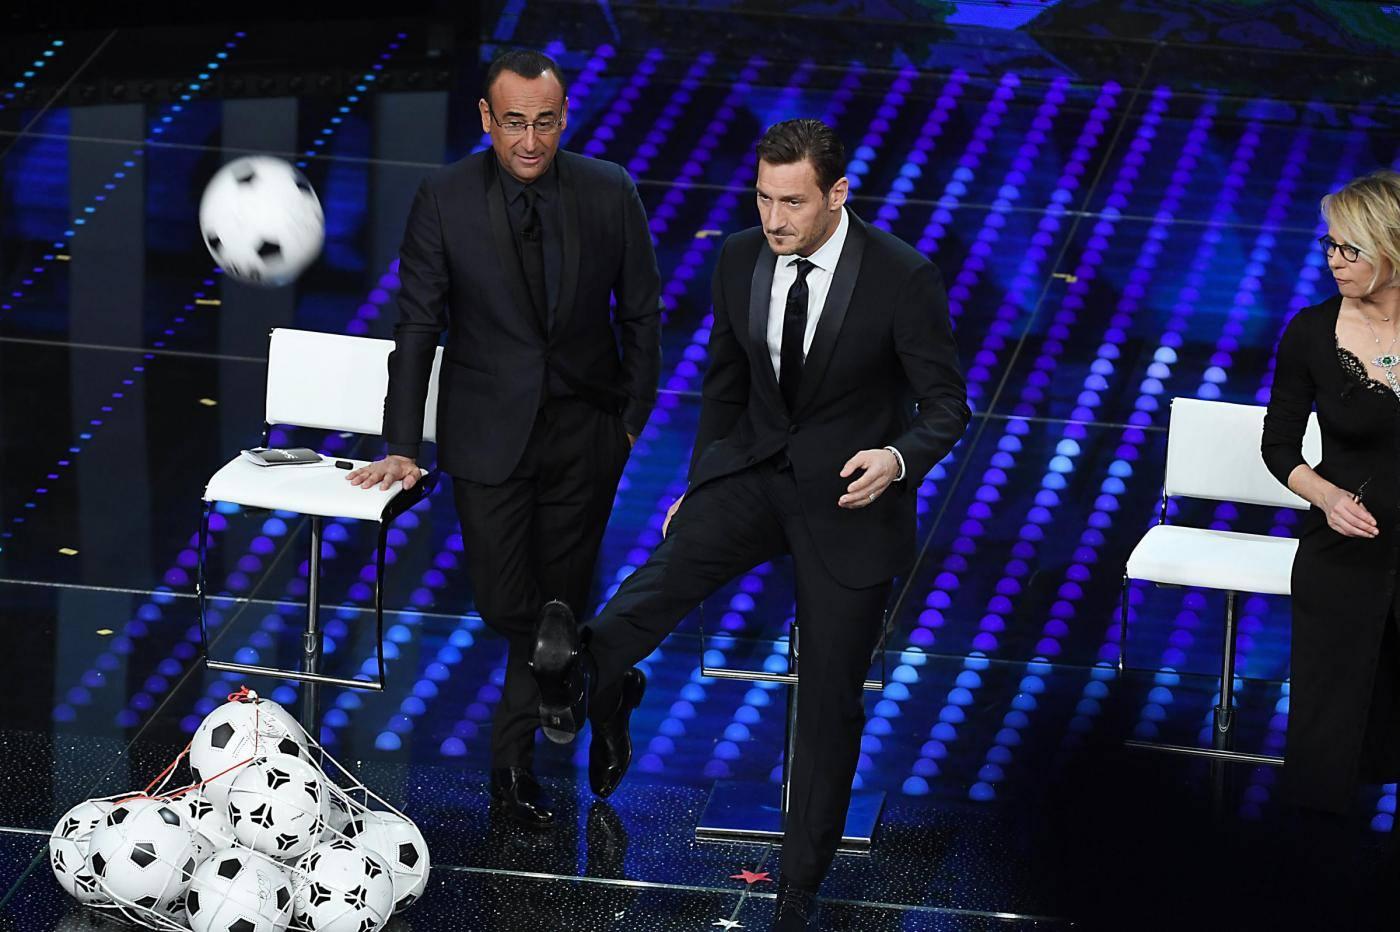 Sanremo 2017, Totti show ma è addio al calcio?